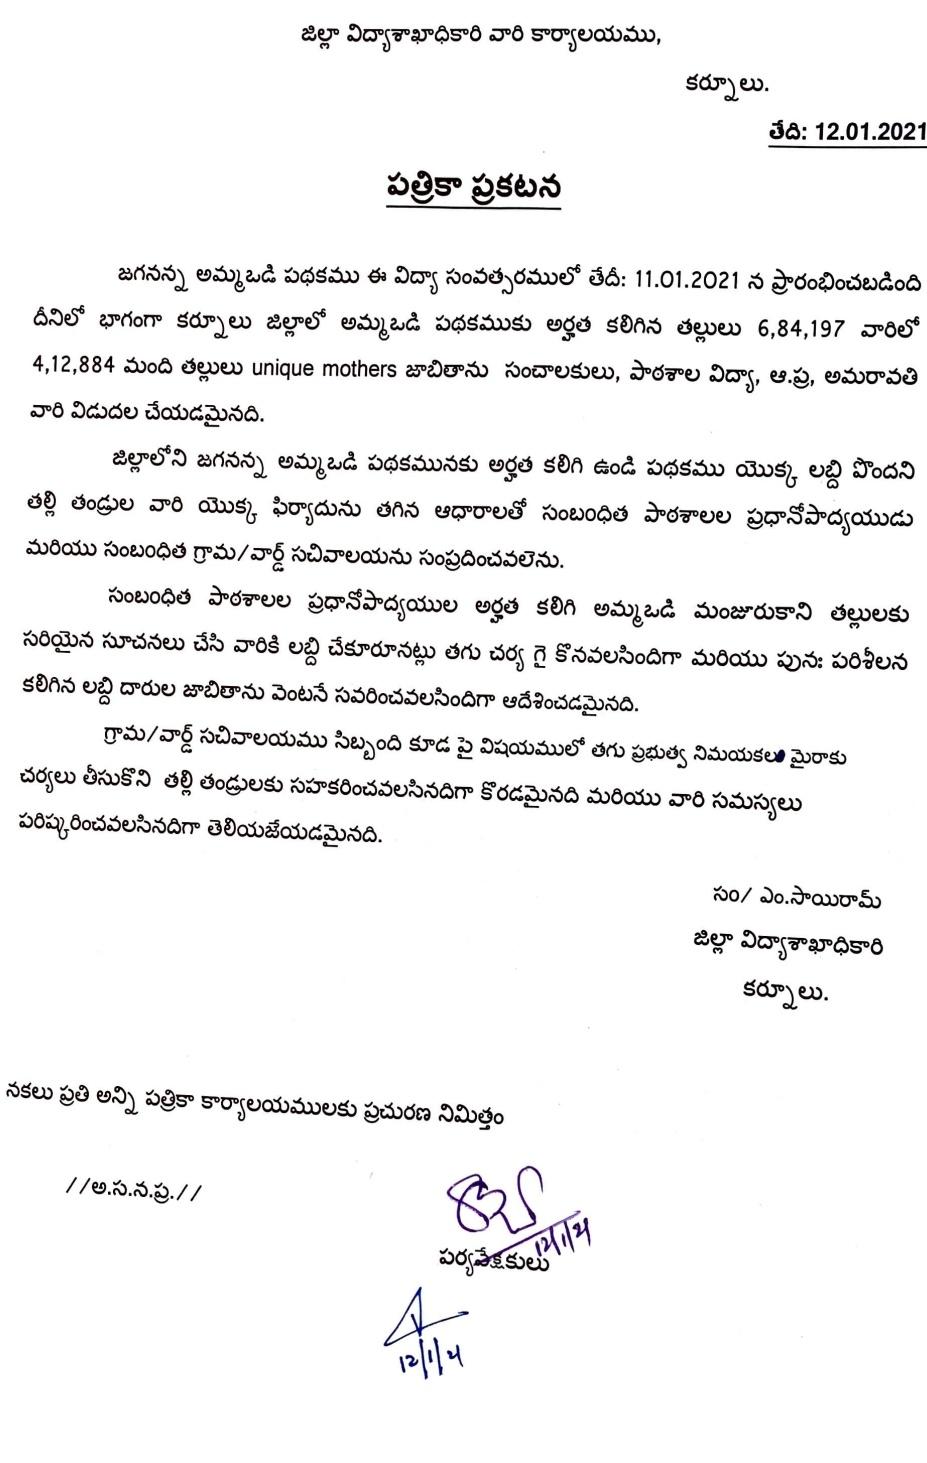 DEO Kurnool press note about Ammavodi